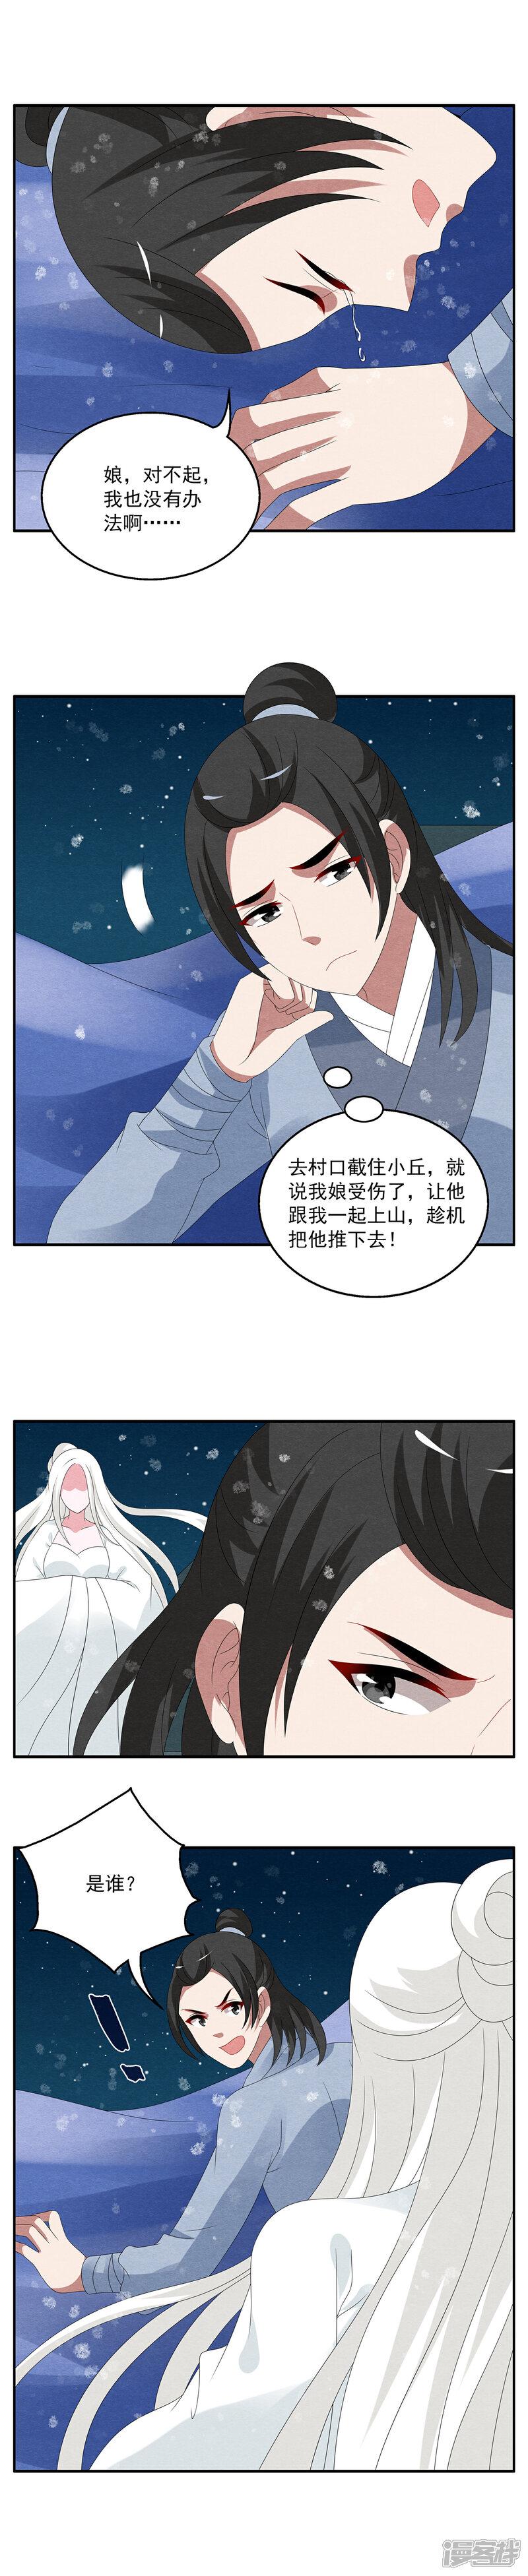 洛小妖96970005.JPG